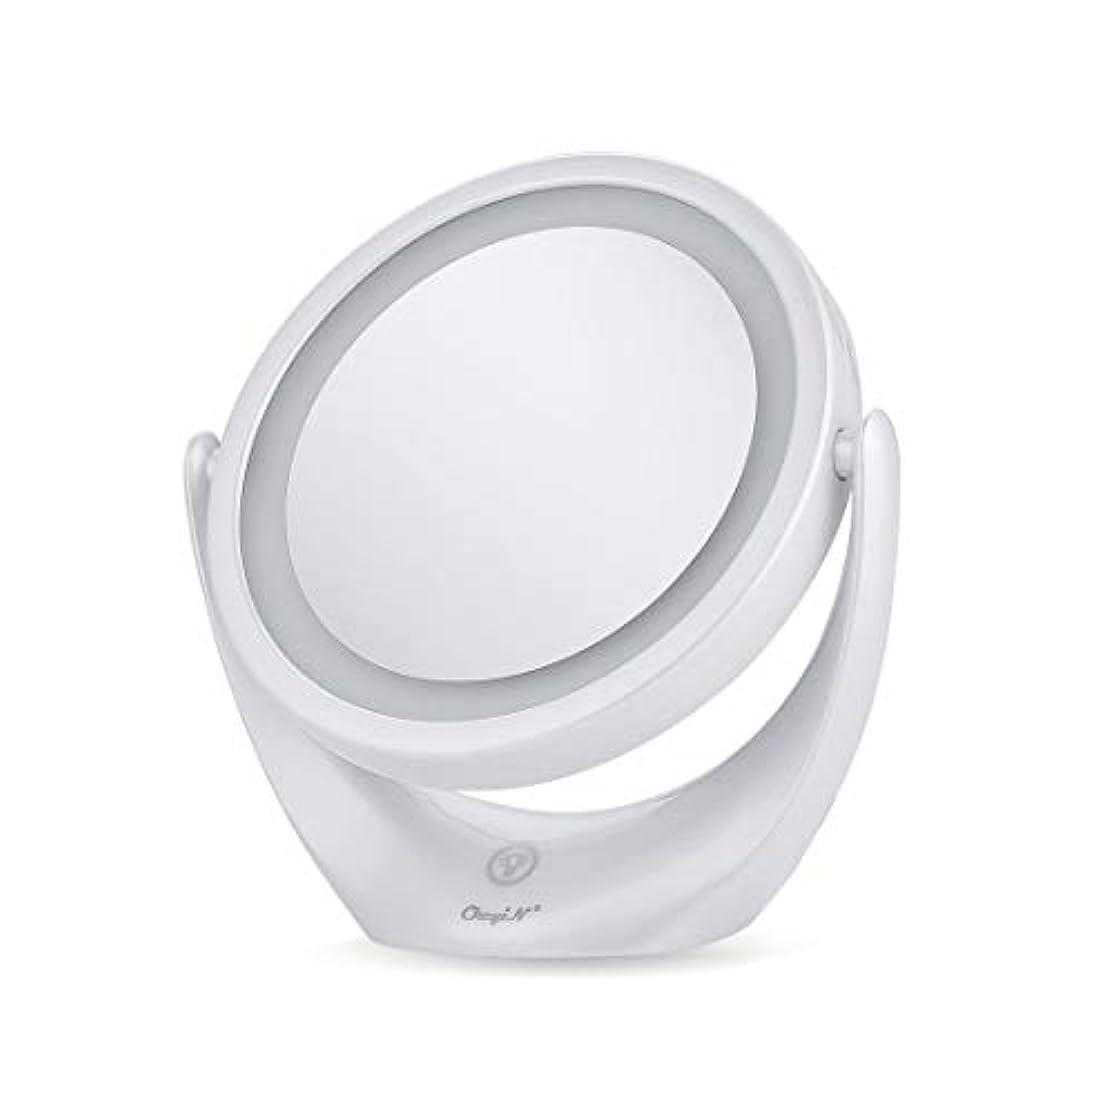 くしゃみ飼料ブースト卓上ミラー 化粧鏡 スタンドミラー 鏡 両面鏡 浴室鏡 メイクミラー led付き 充電式 1倍/5倍拡大鏡 明るさ調節 360度回転